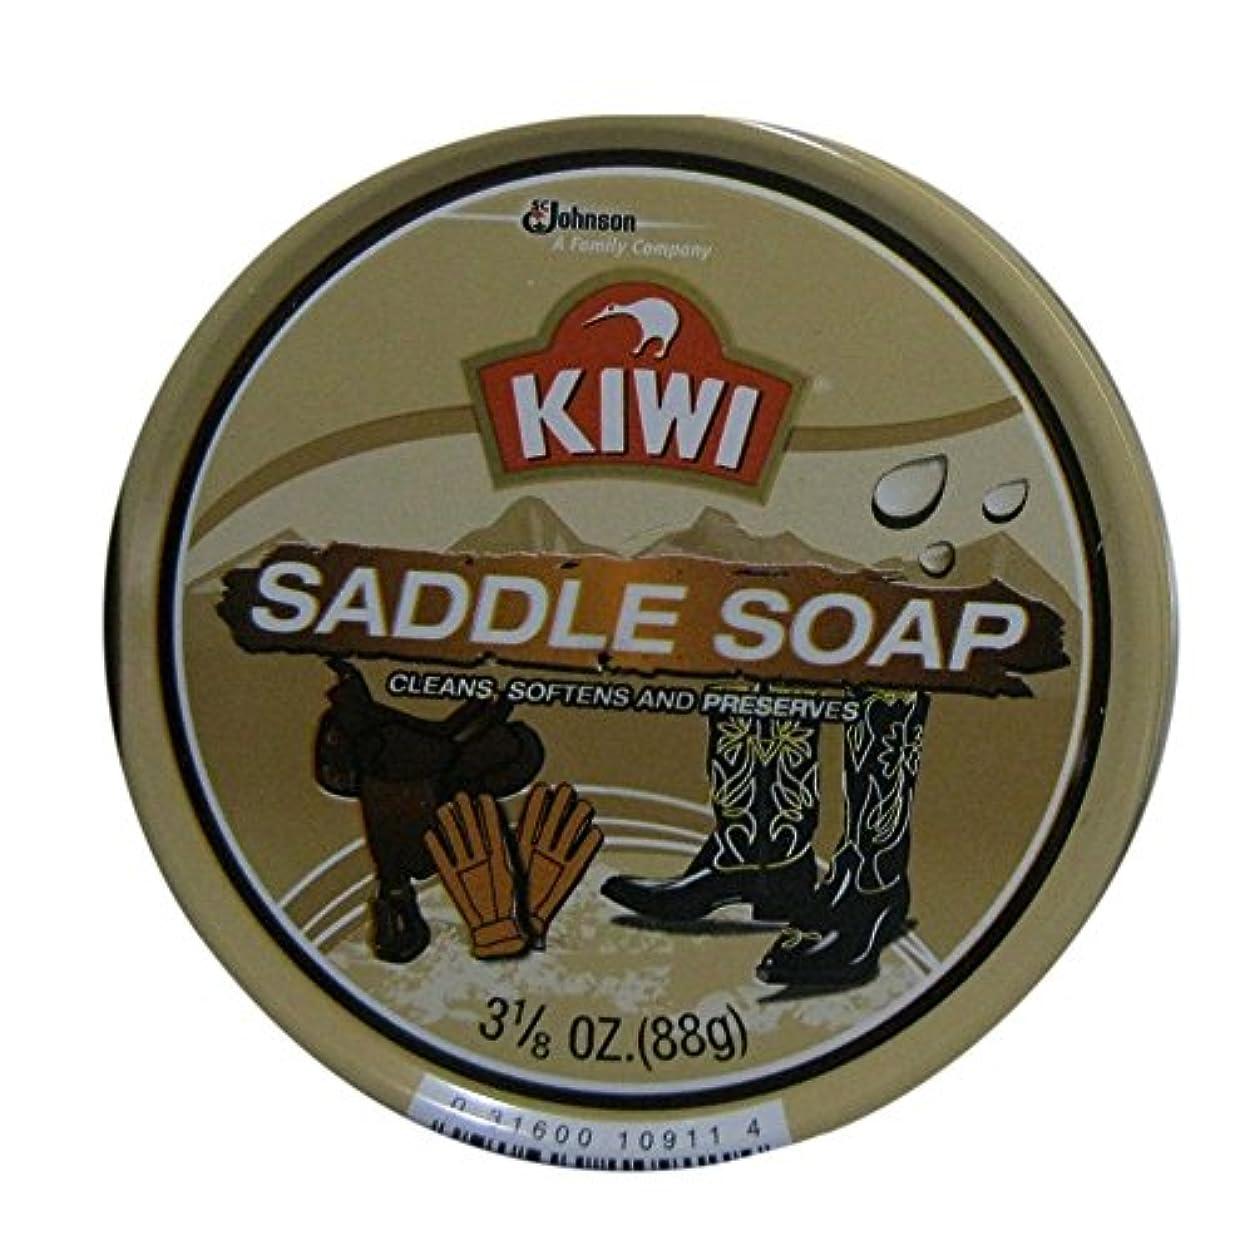 ノベルティ祖母規制するKiwi KIWIハメソープ3.125オンス(5パック) 5パック